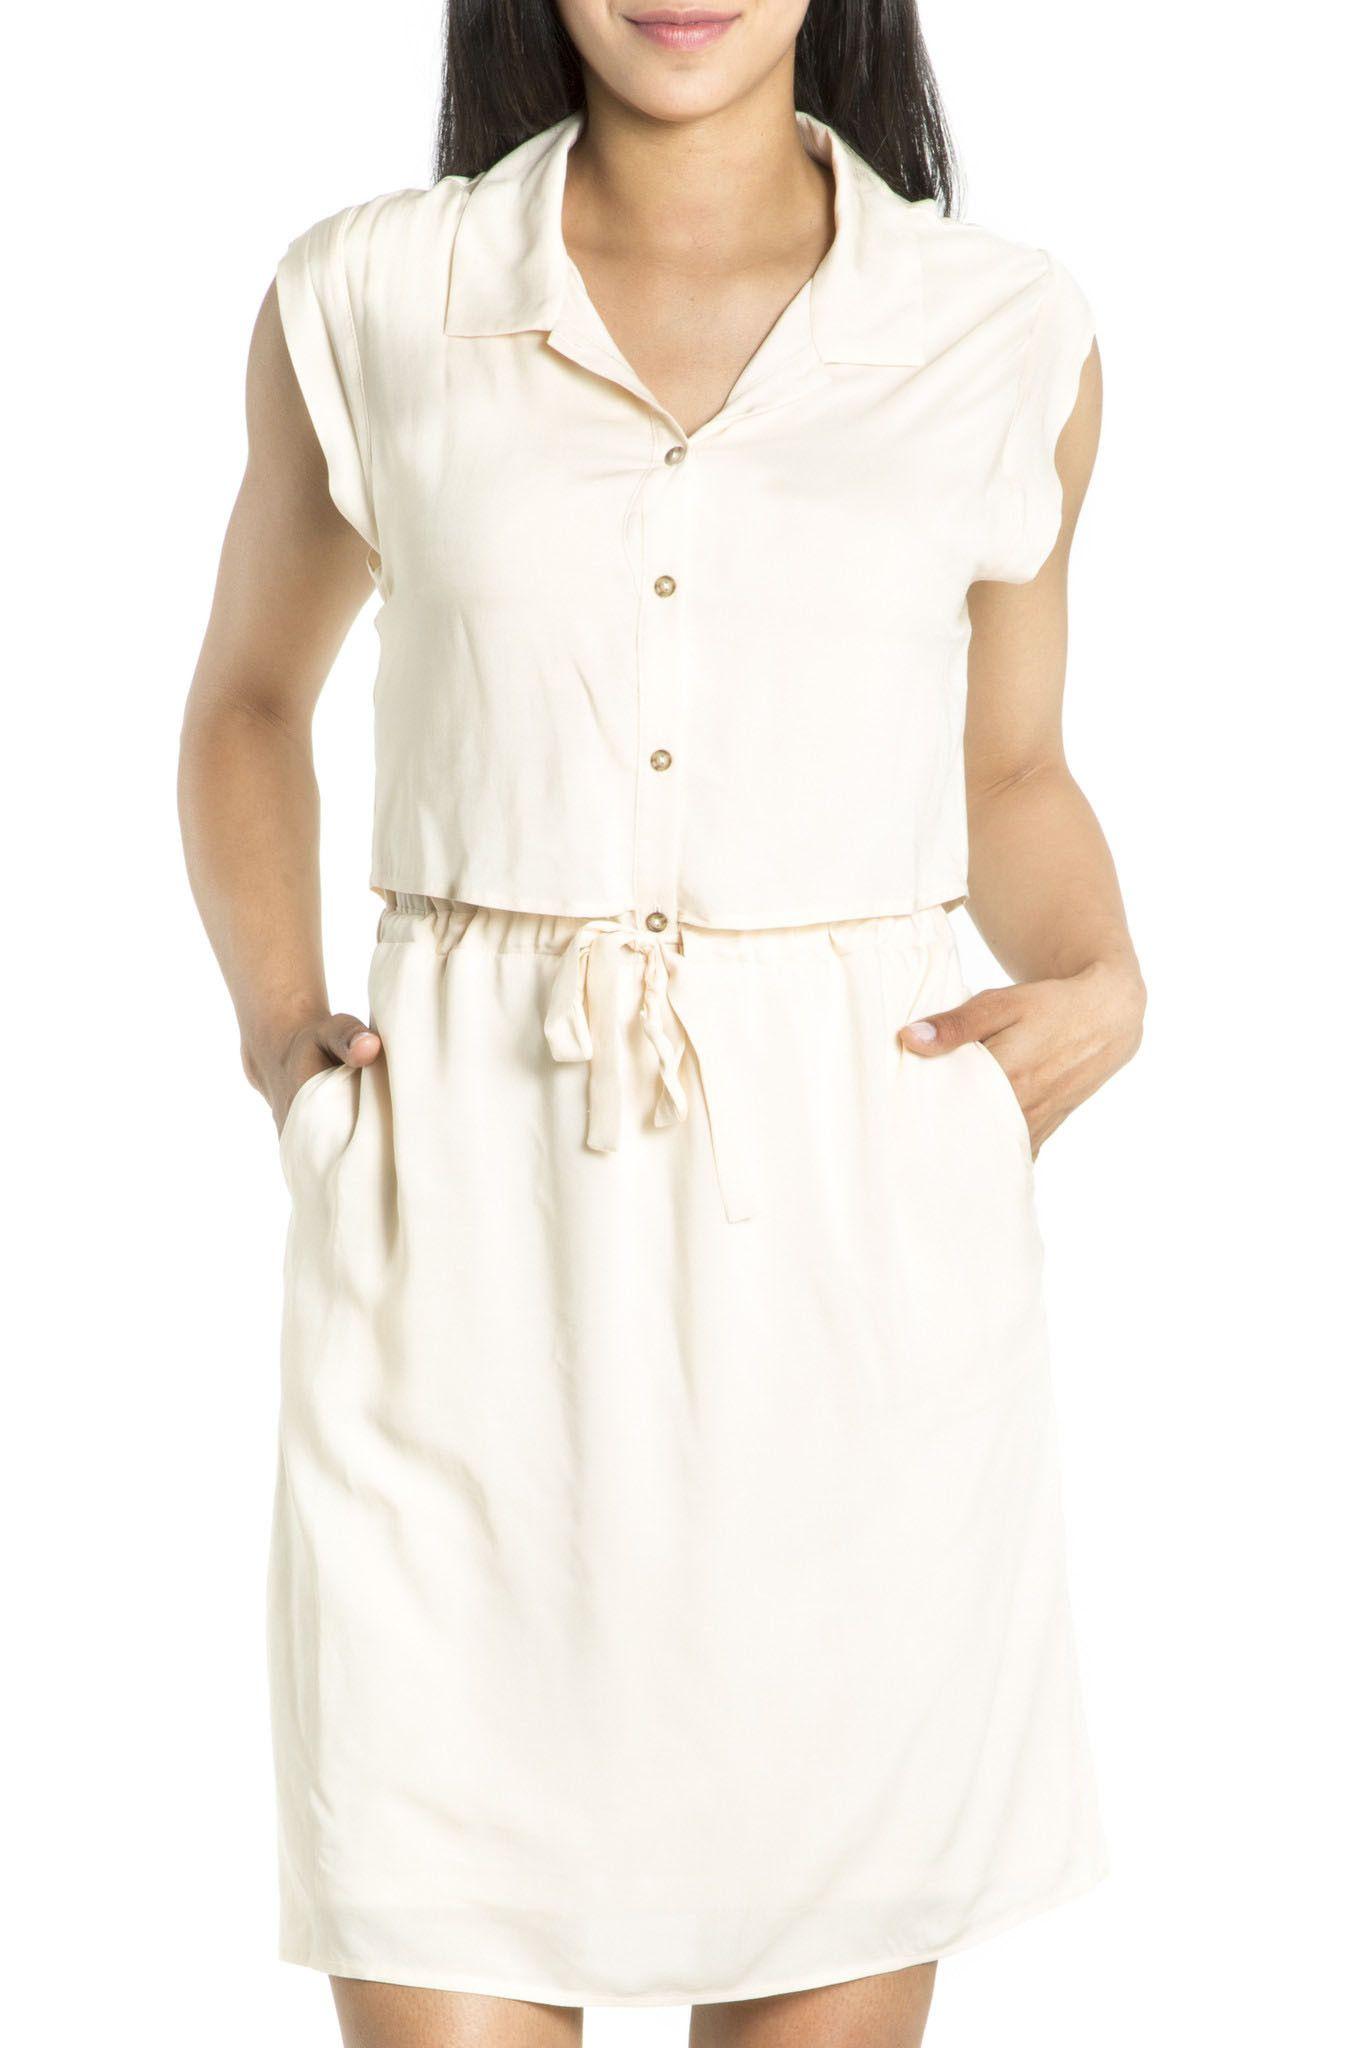 Dagg & Stacey Grier Dress